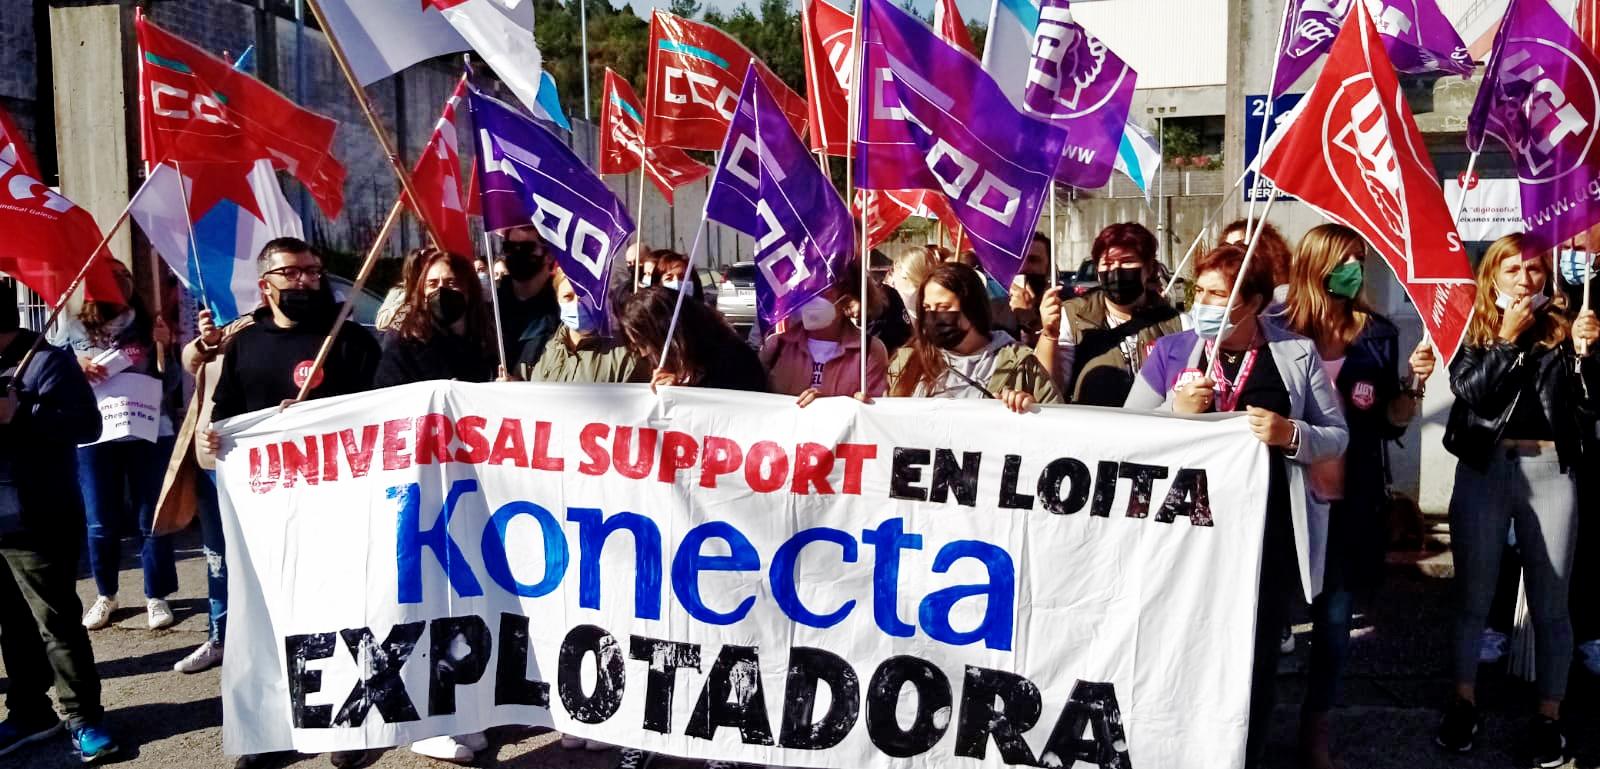 Concentración Universal Support (G Konecta)